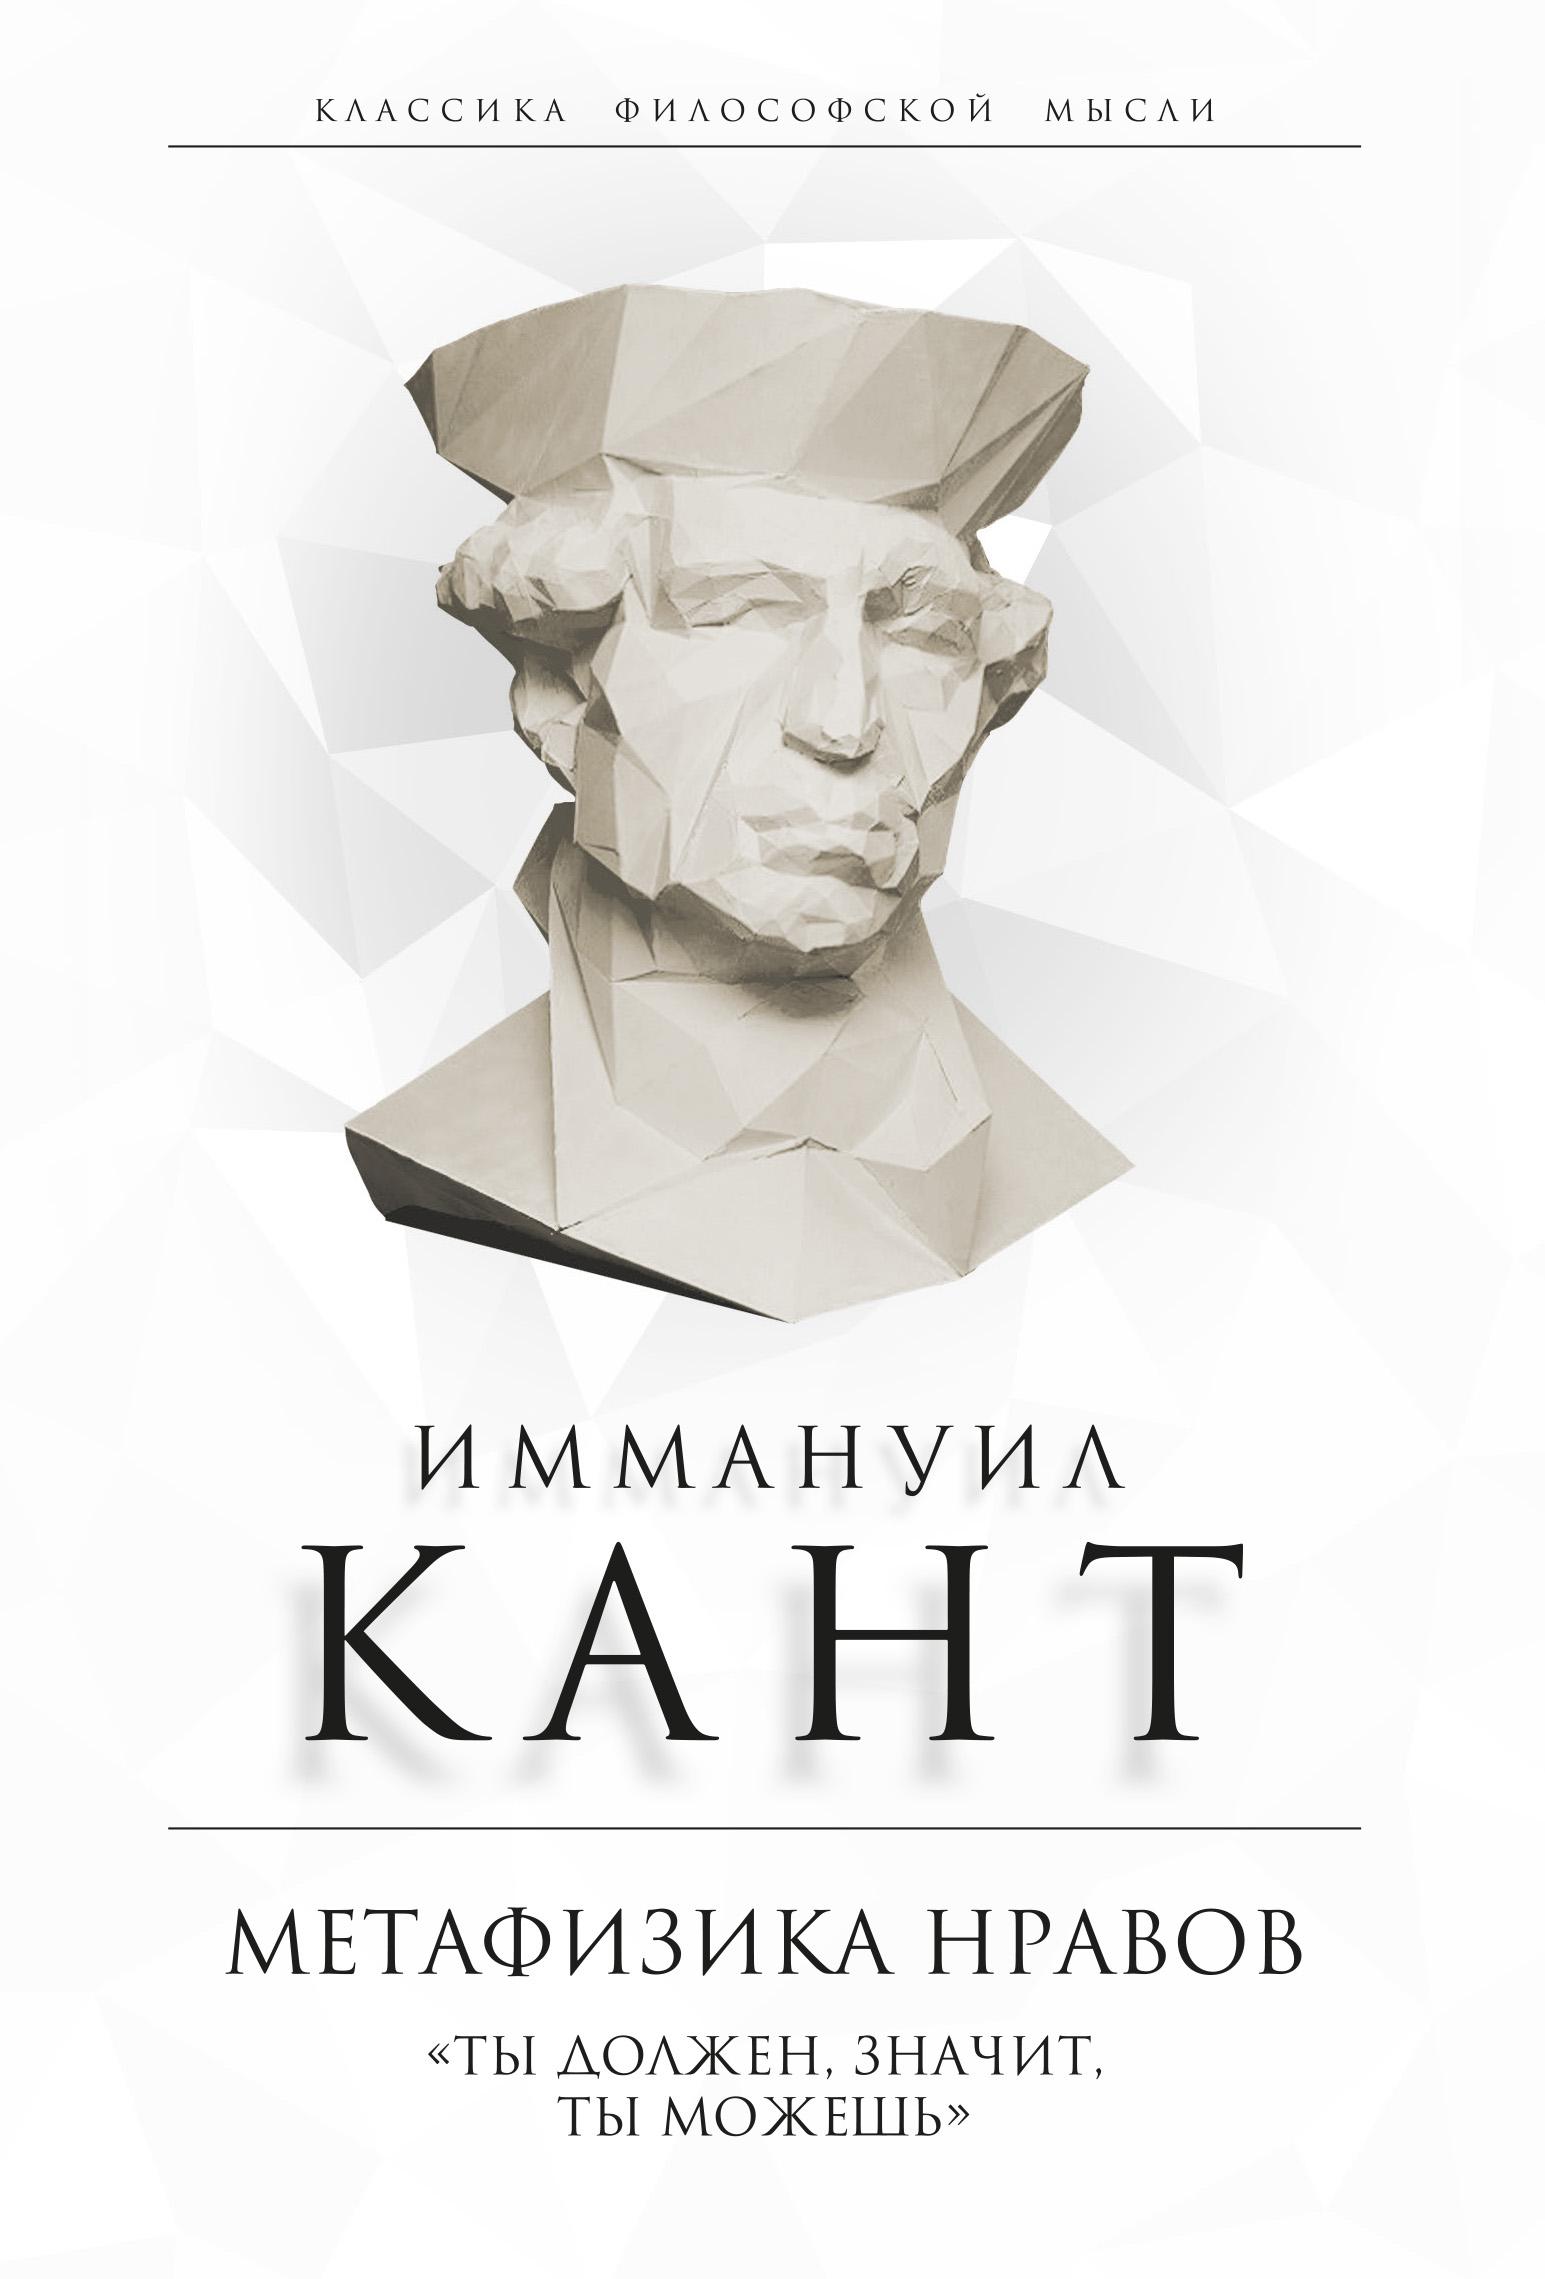 Иммануил Кант Метафизика нравов. «Ты должен, значит, ты можешь» николай федоров в чем заключается всеобщий категорический императив